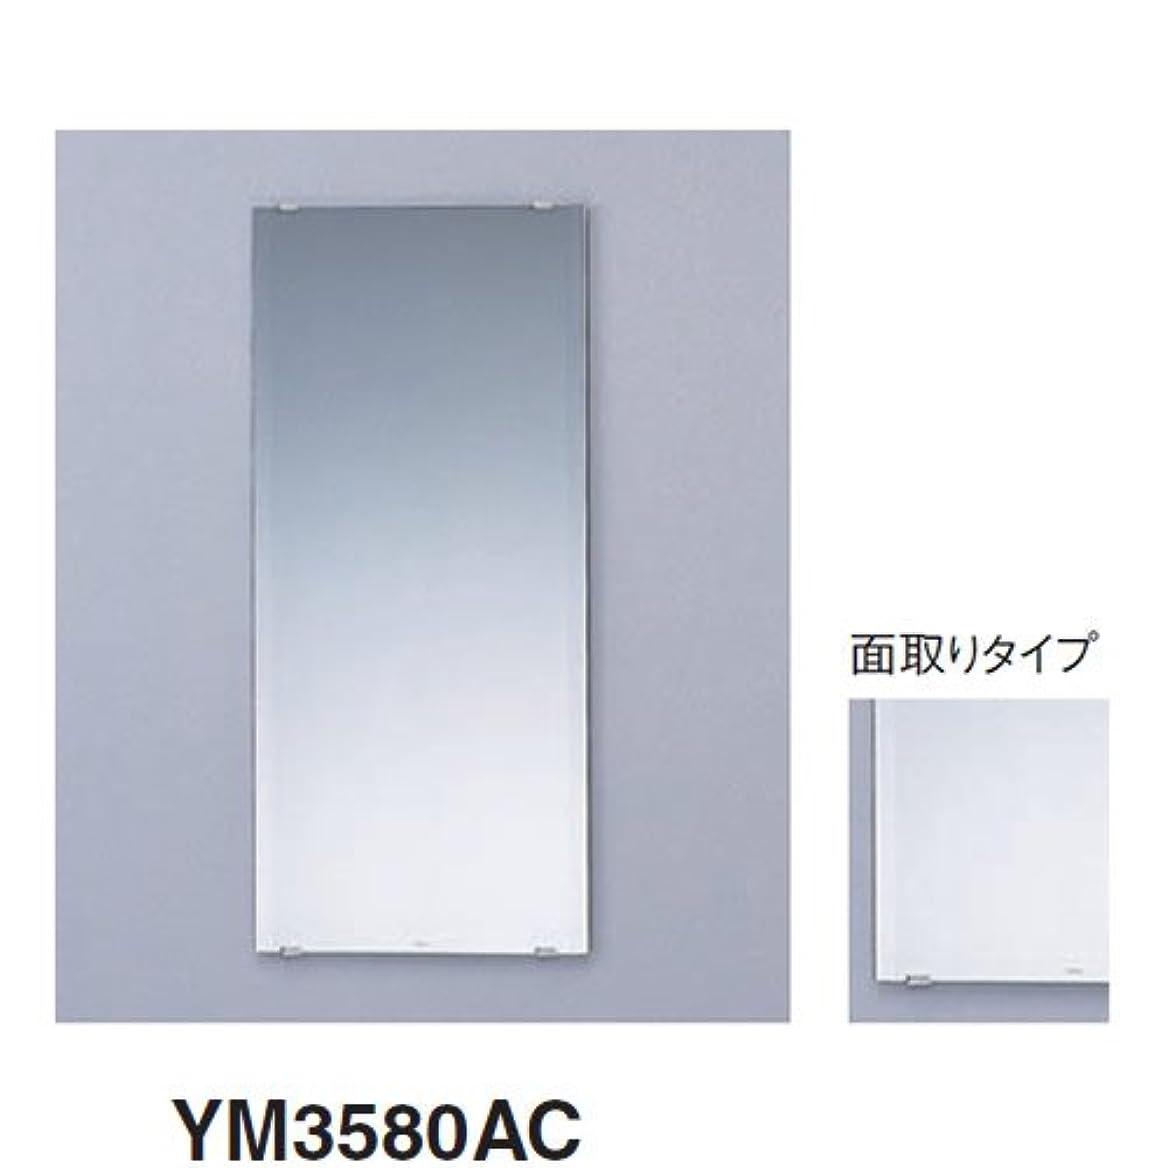 ブレスプラグマラドロイトTOTO アクセサリ 化粧鏡【YM3580AC】一般鏡 左右面取り加工【ym3580ac】